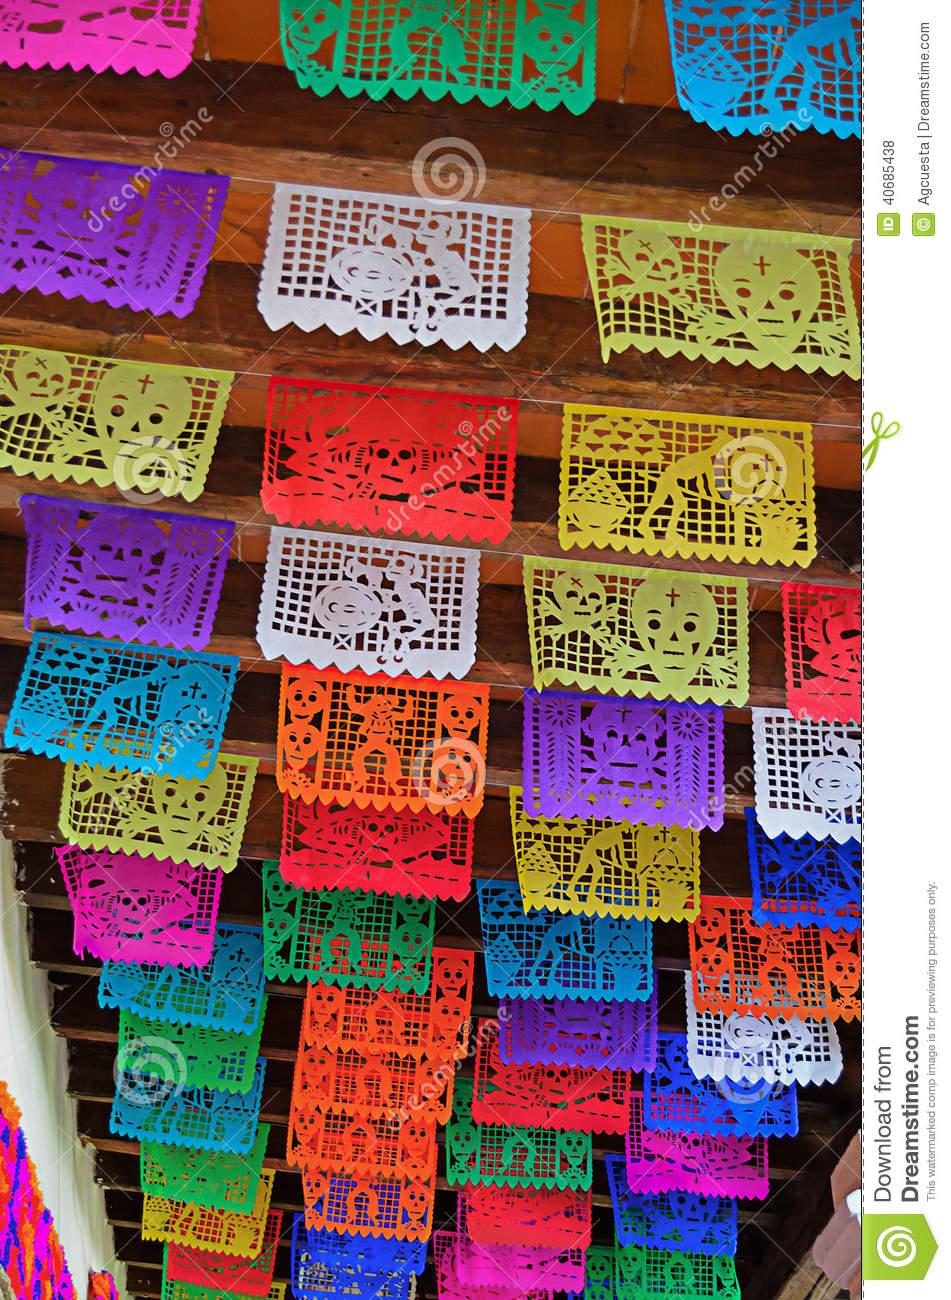 Papel Picado Stock Photo.